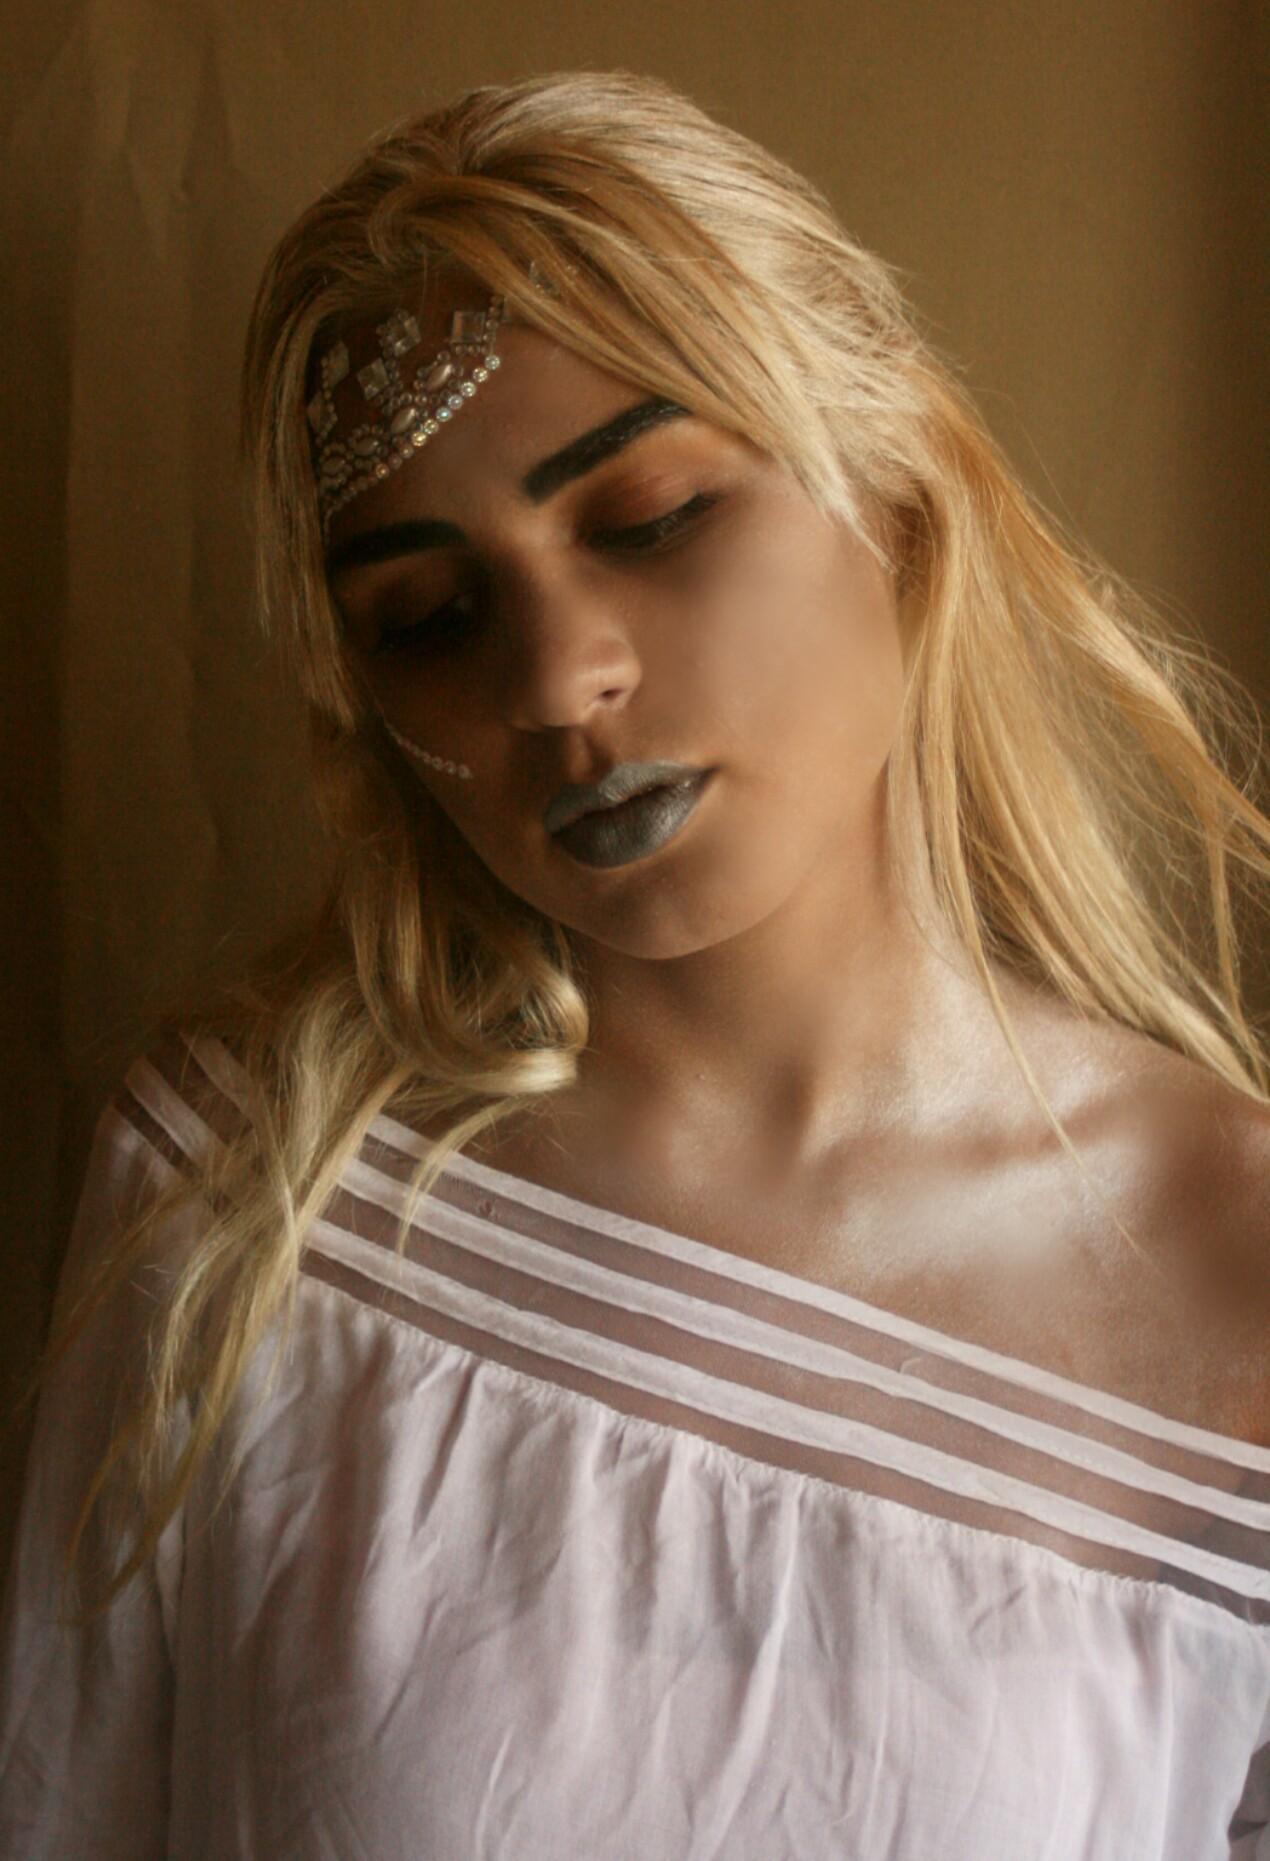 Rainha Branca  #makeup #conceptualmakeup #maquiagemconceitual #maquiagem maquiagem maquiador(a)